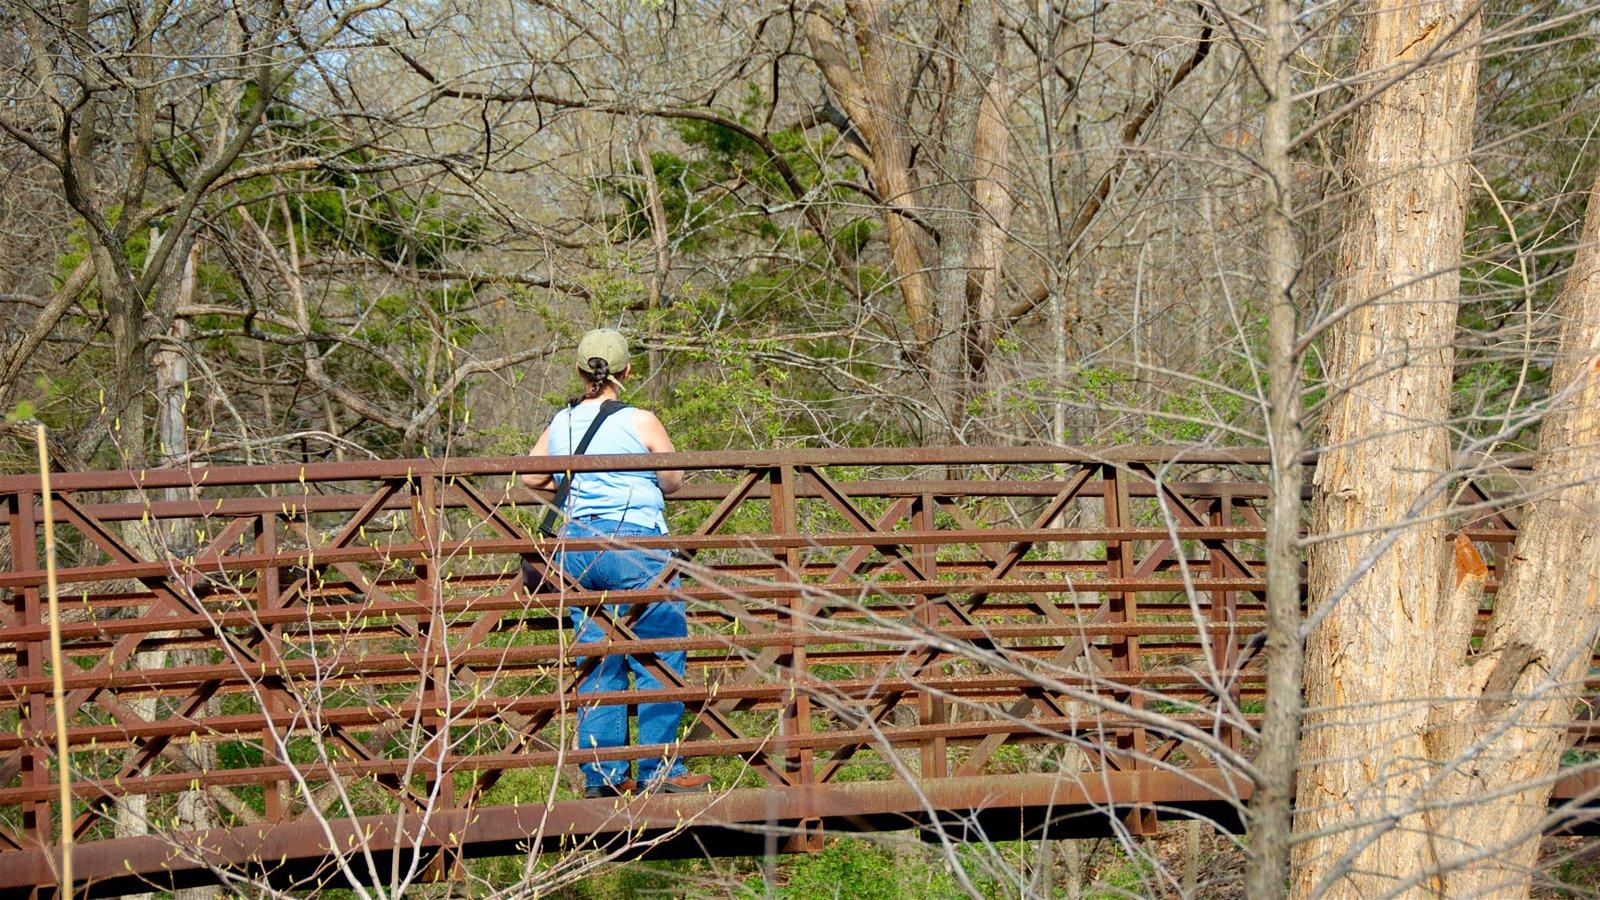 Fotos de Overland Park Arboretum and Botanical Gardens: Ver fotos e ...